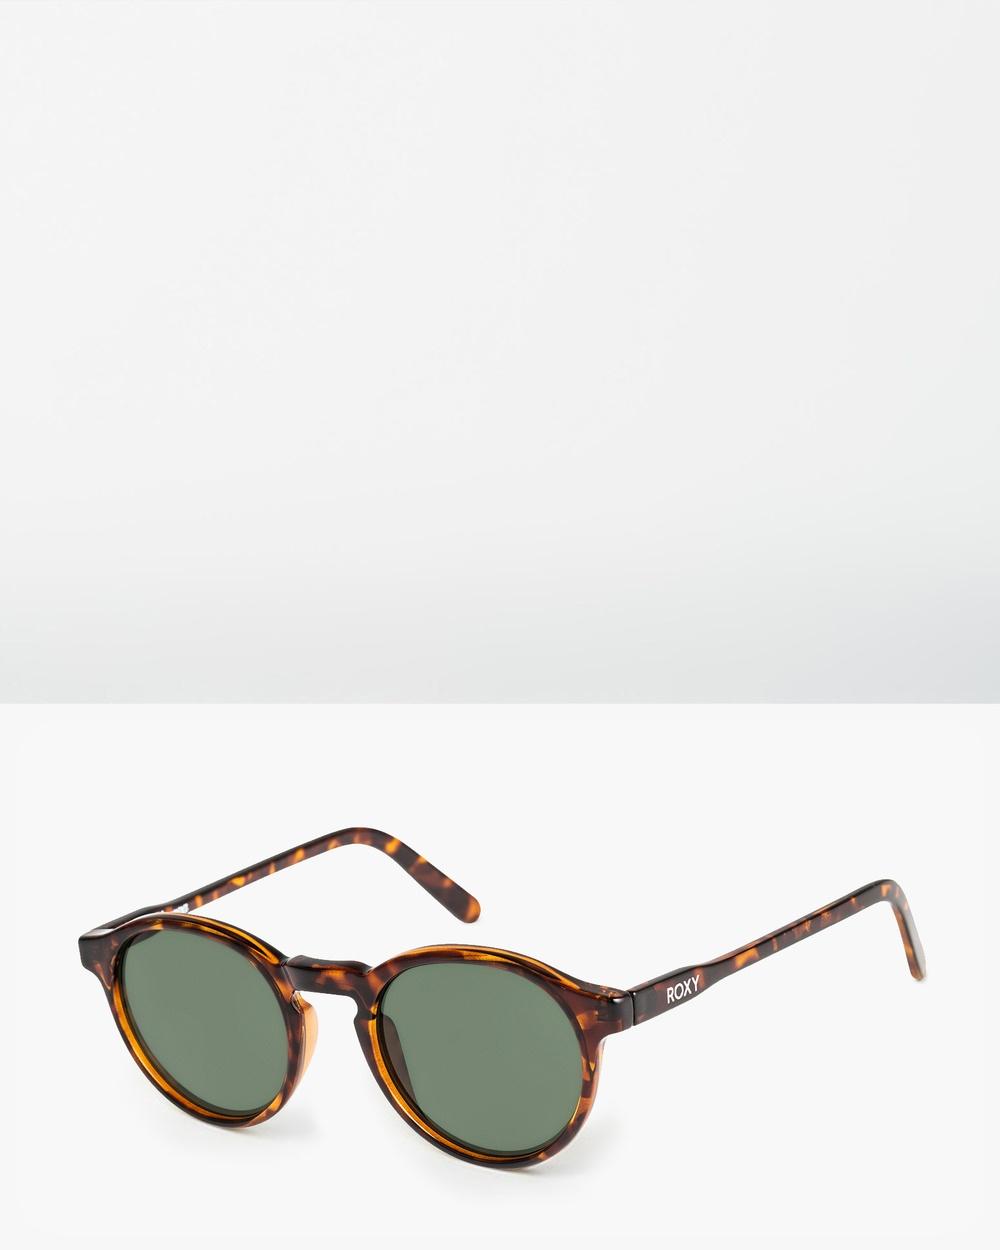 Roxy Womens Moanna Sunglasses SHINY TORTOISE/GREEN